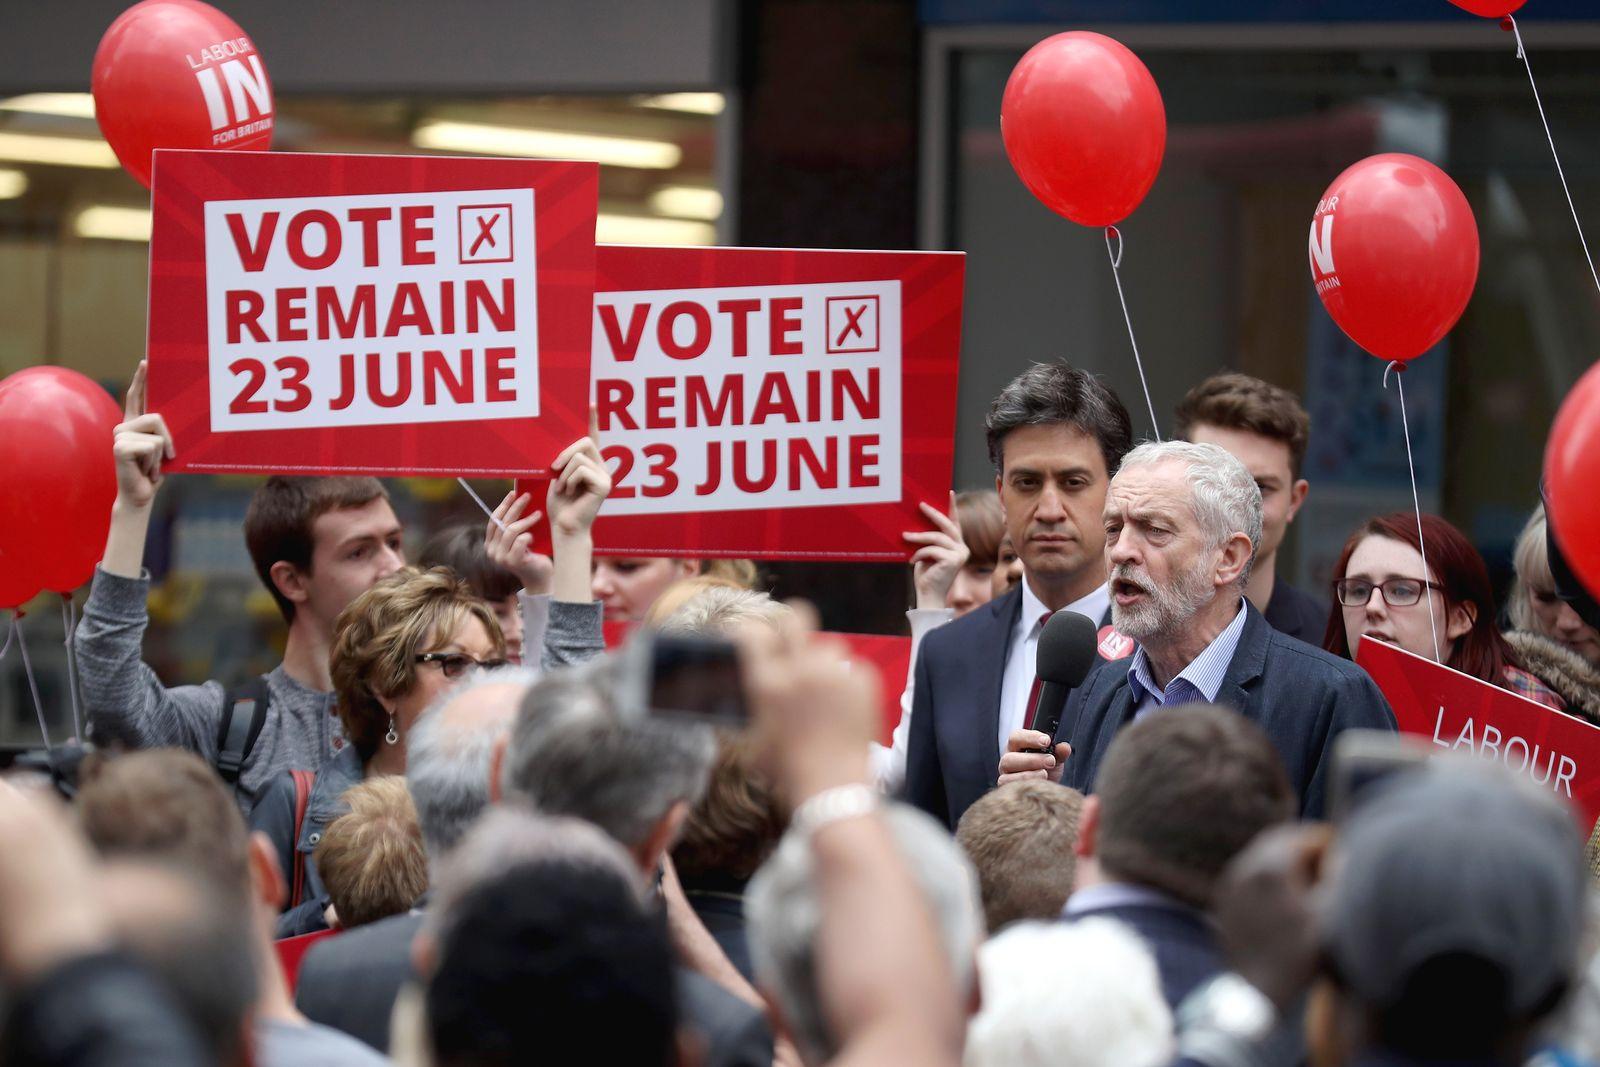 Jeremy Corbyn / Brexit / Remain